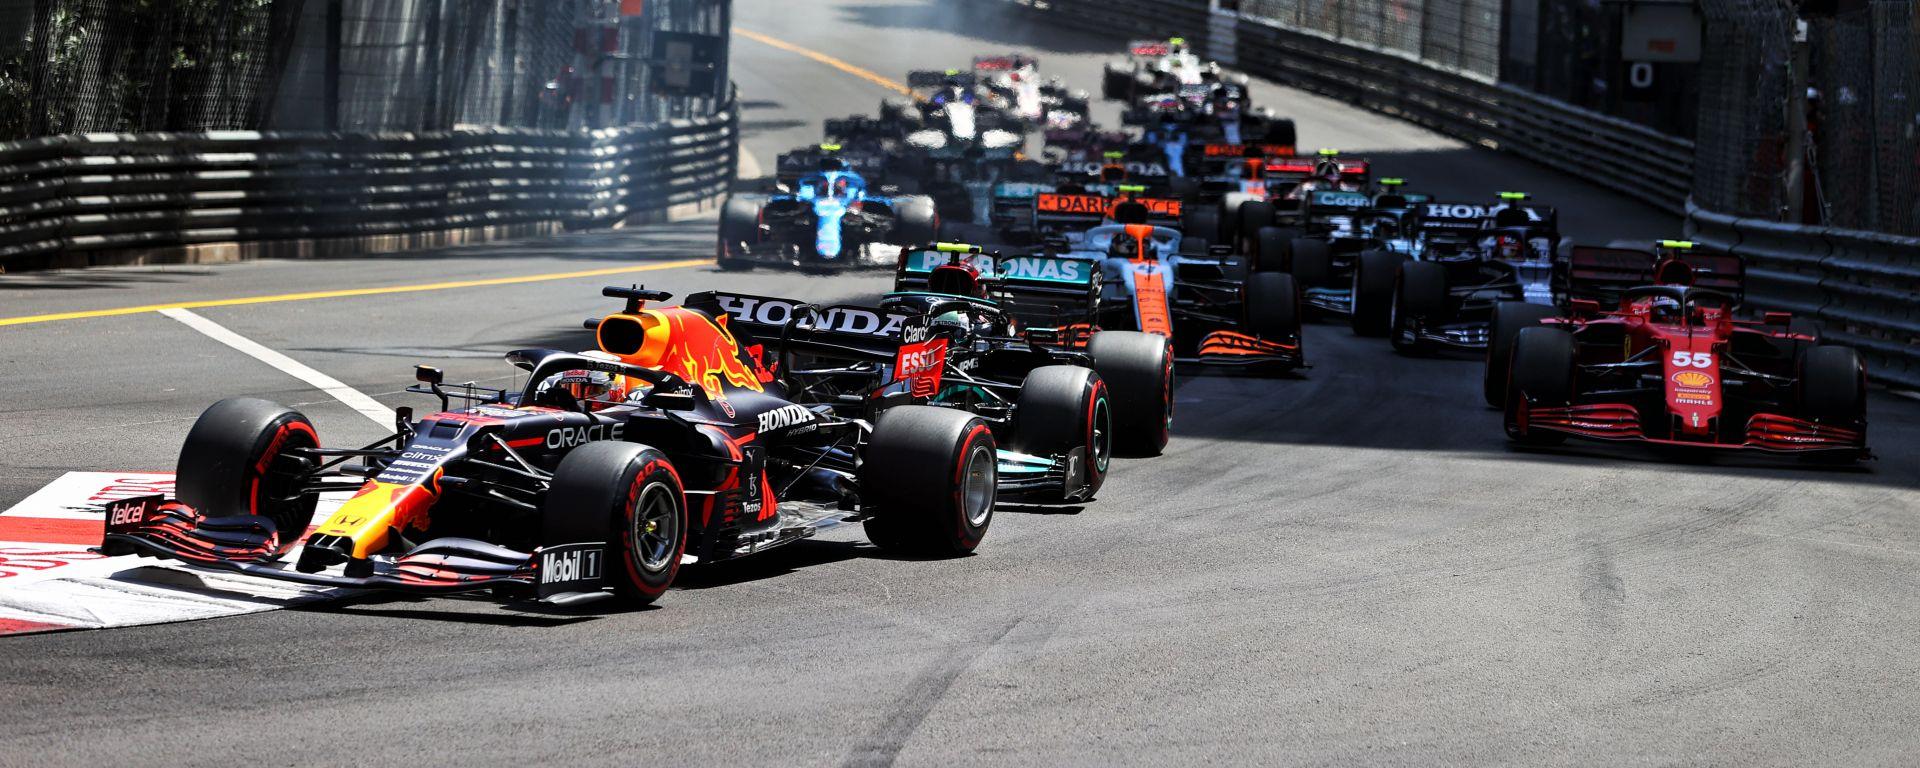 F1 GP Monaco 2021, Monte Carlo: la partenza della gara